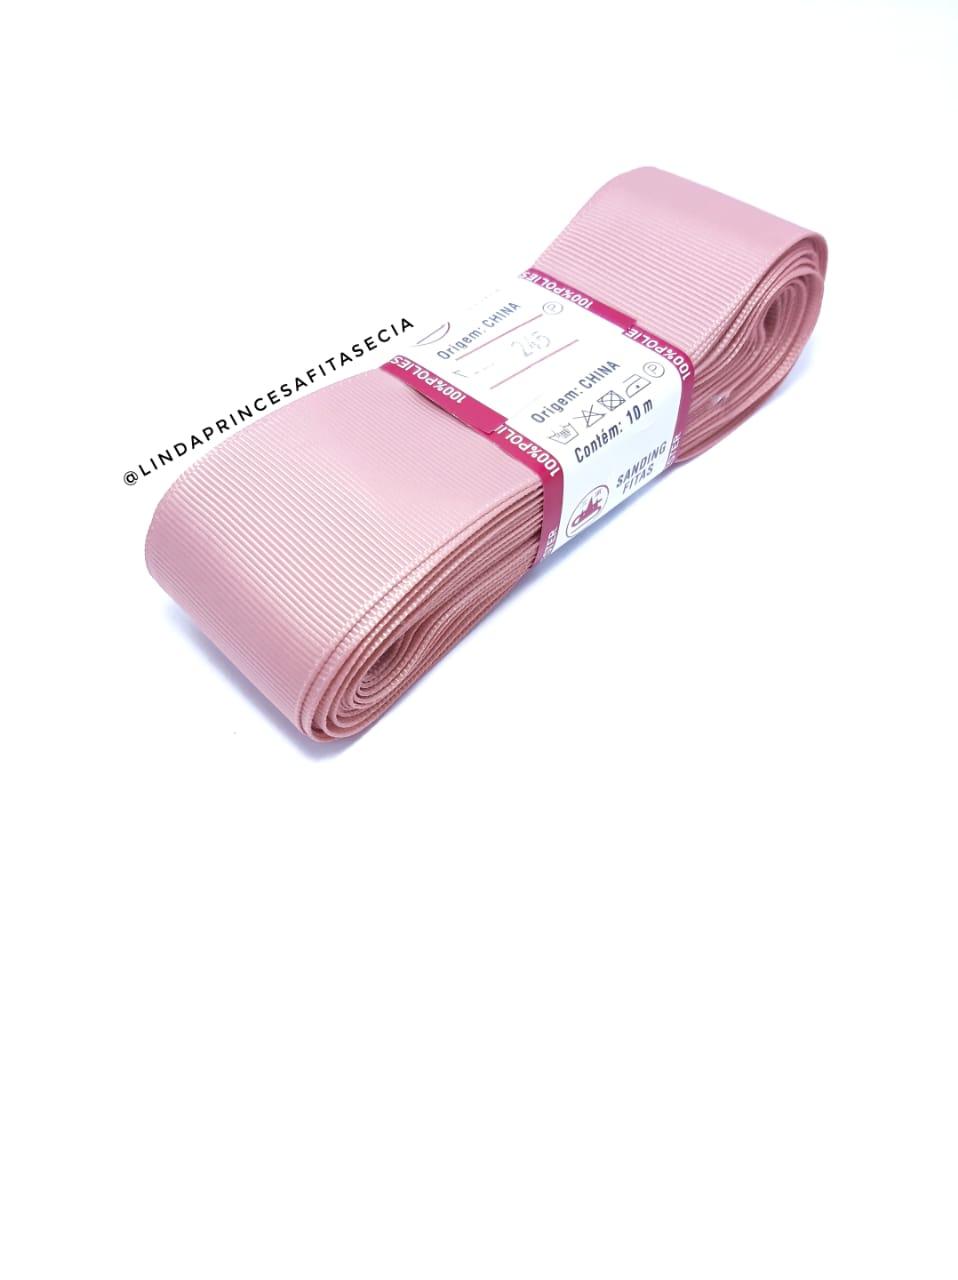 FITA SANDING - Cor: 245 Rosa Millenium